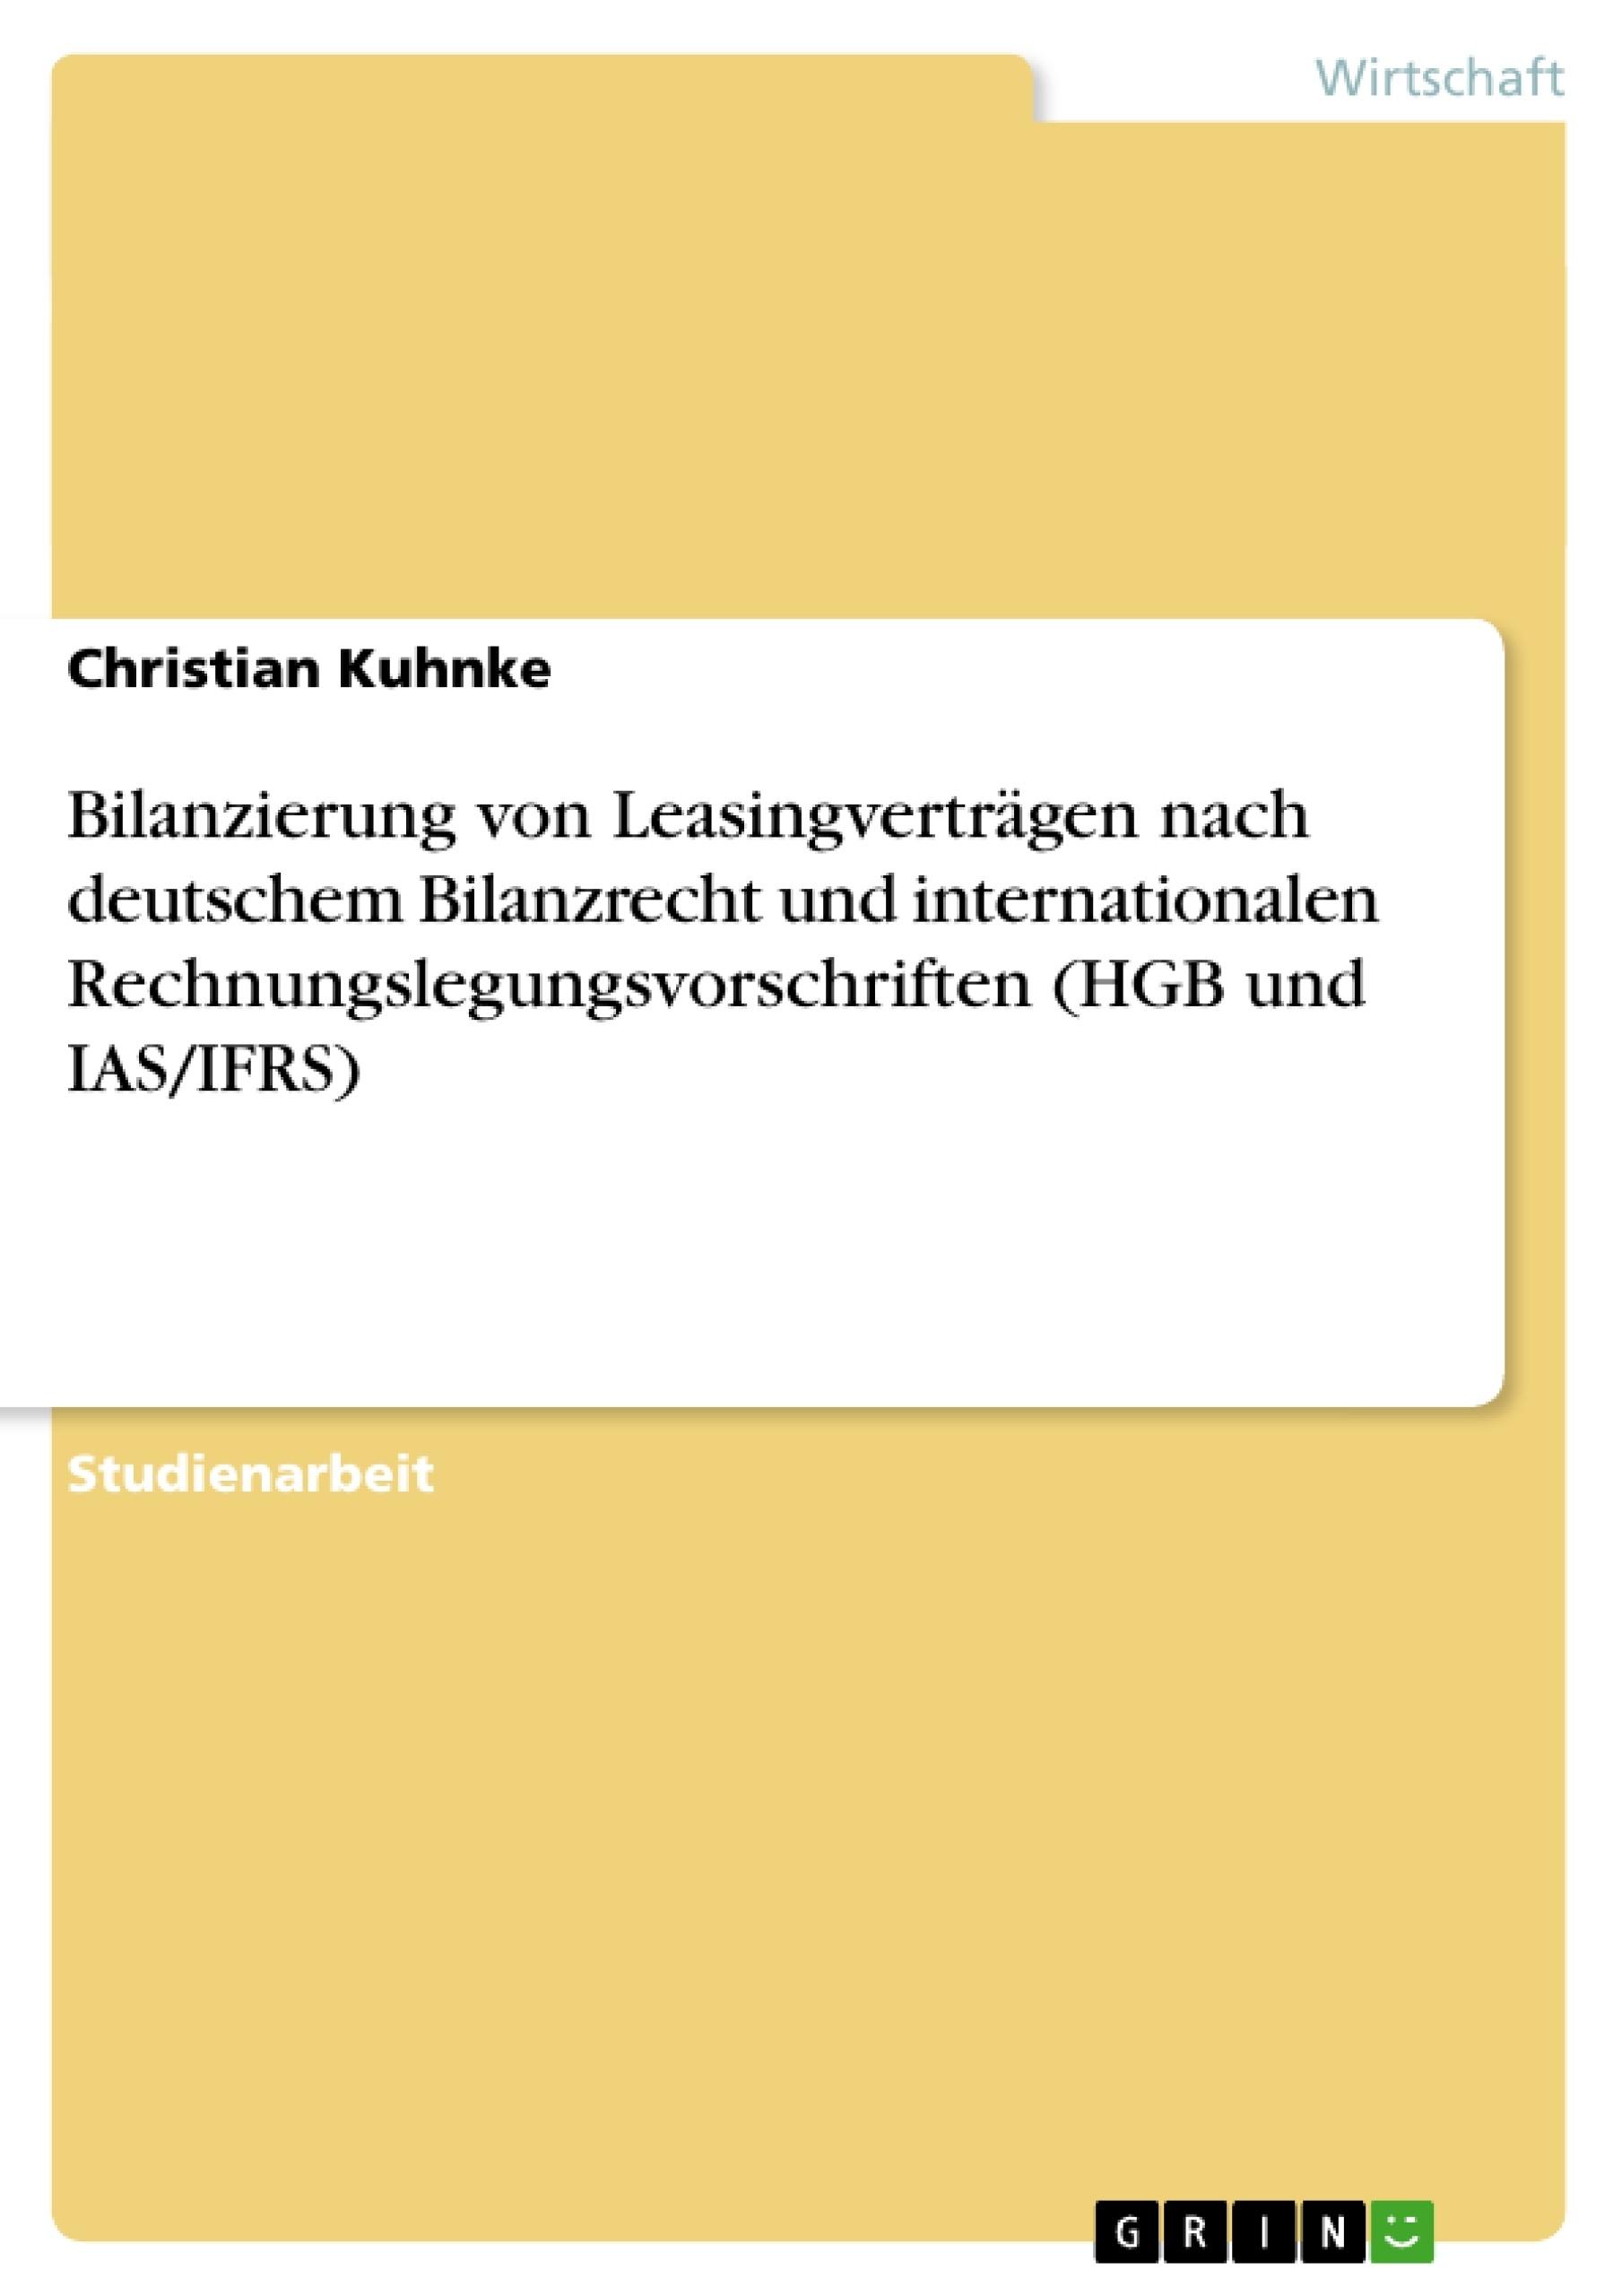 Titel: Bilanzierung von Leasingverträgen nach deutschem Bilanzrecht  und internationalen Rechnungslegungsvorschriften (HGB und IAS/IFRS)